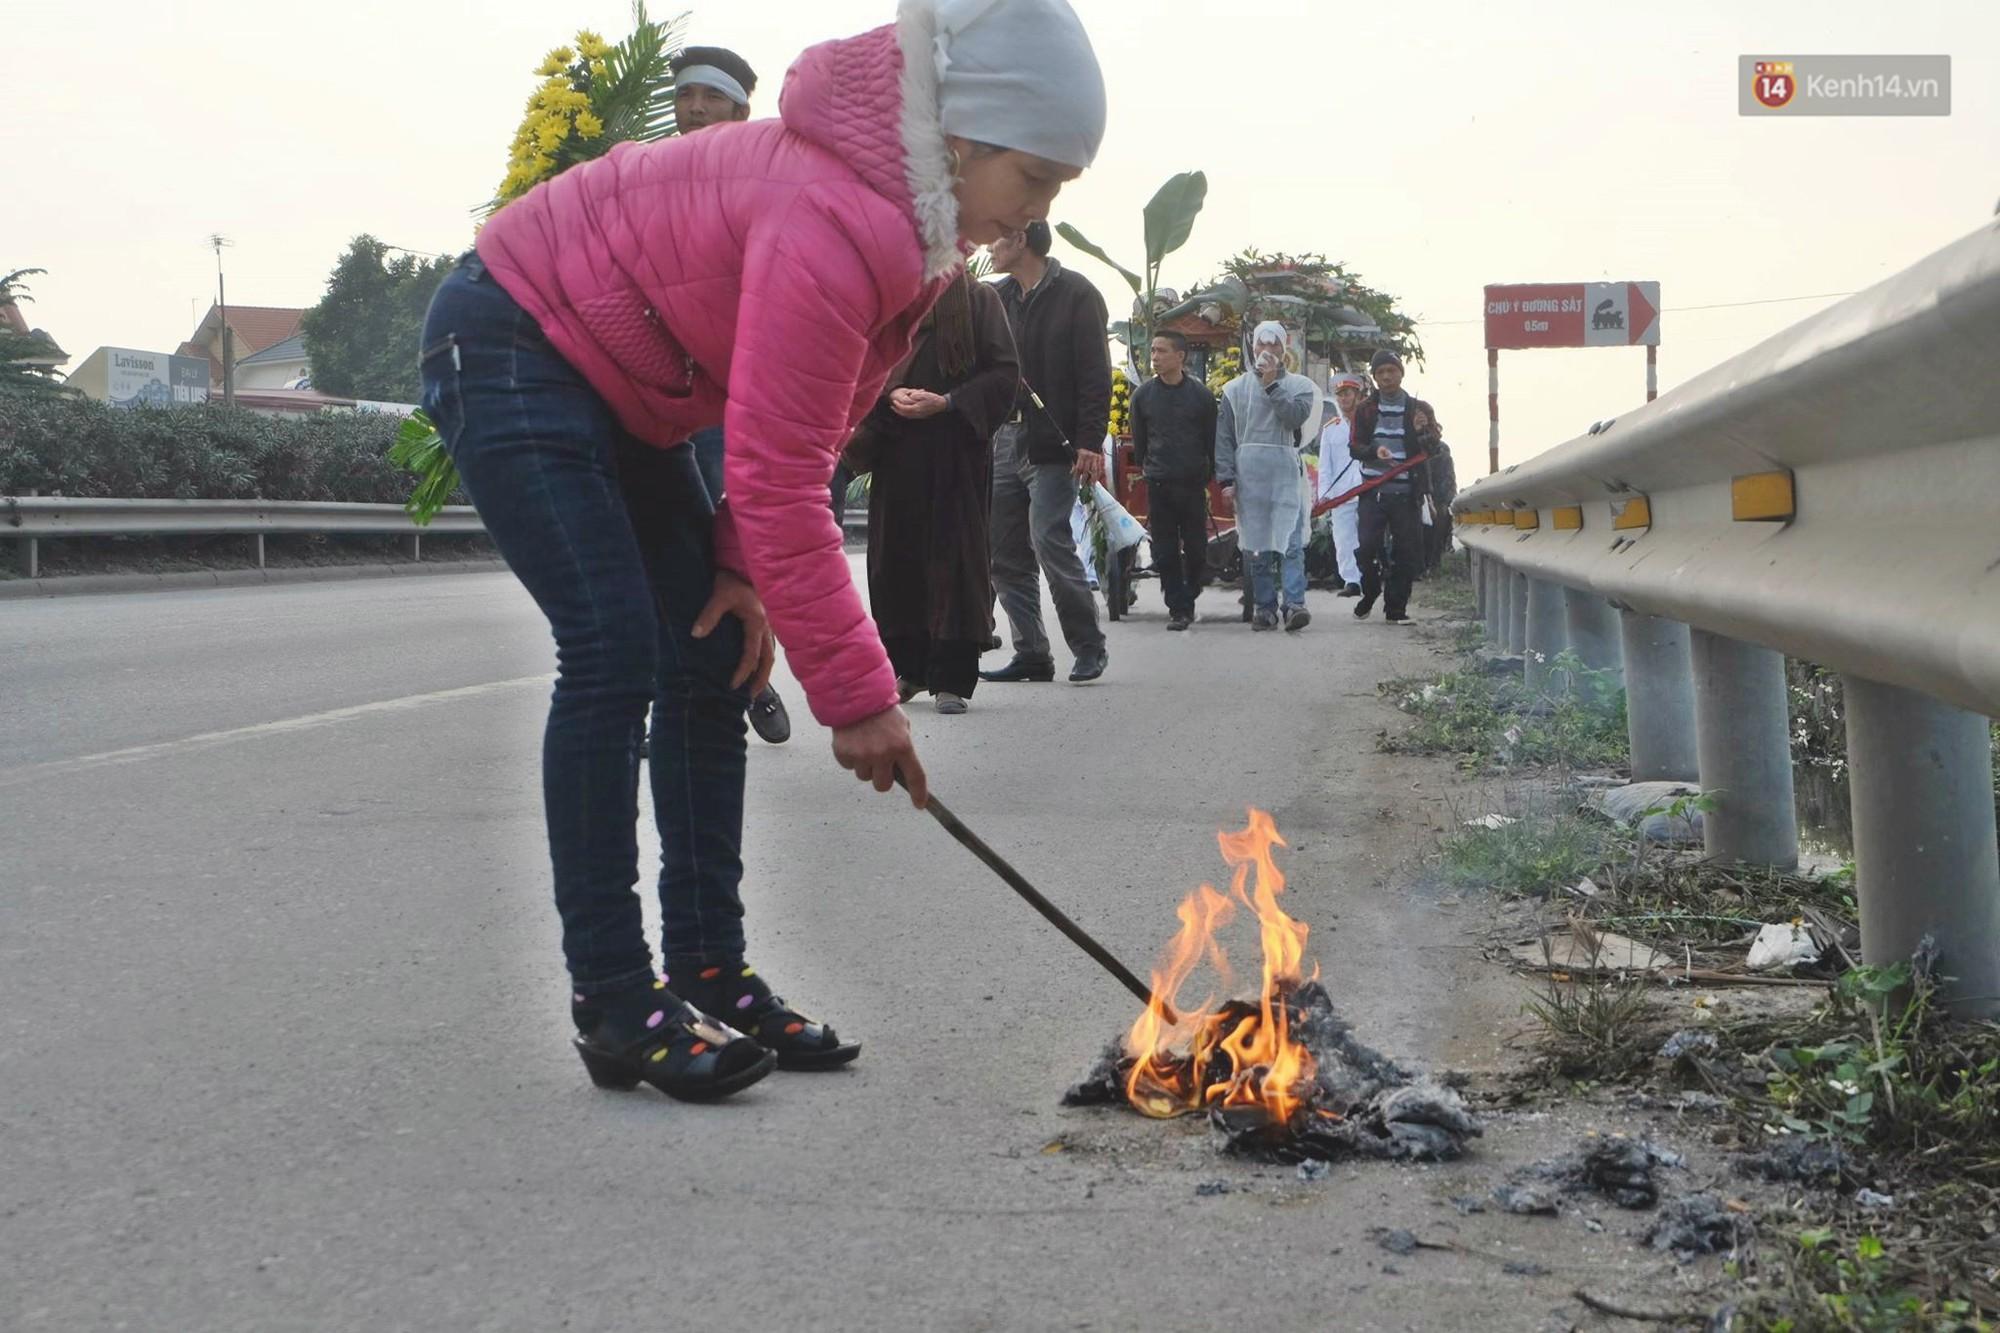 Người dân đốt vàng mã trên đường theo phong tục.